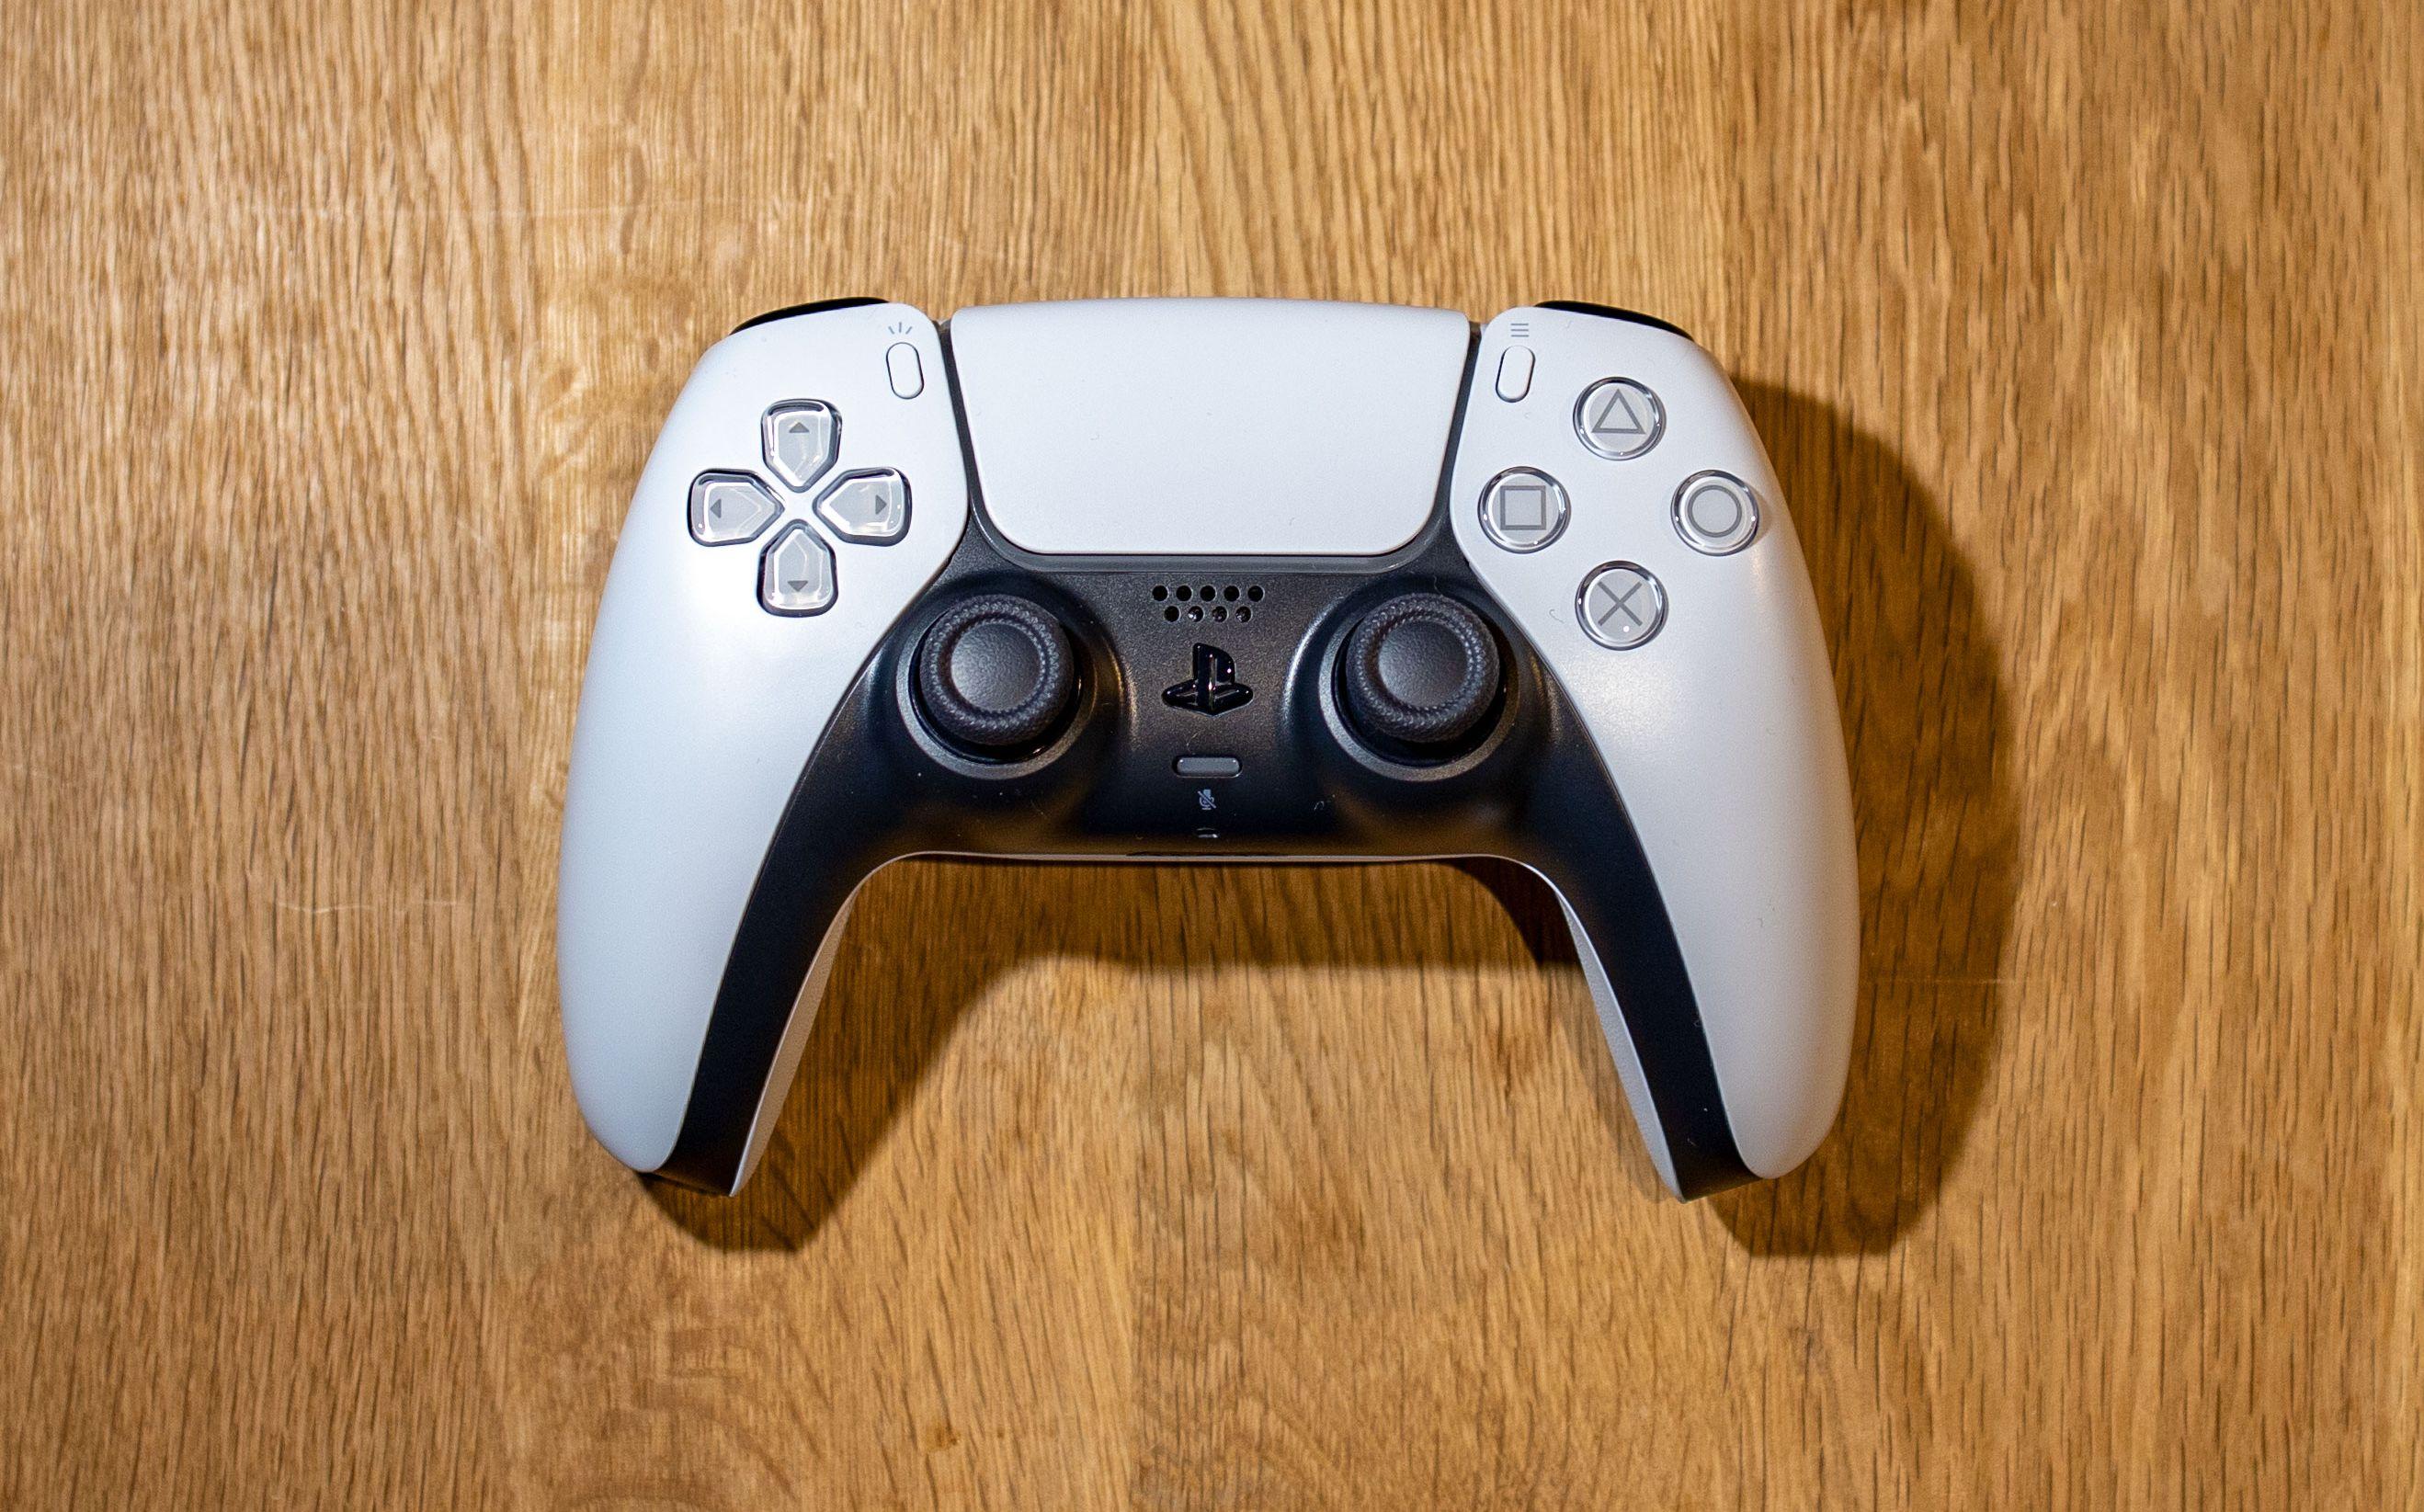 Playstation 5-kontrolleren sliter med såkalt «drift». Nå blir Sony saksøkt.